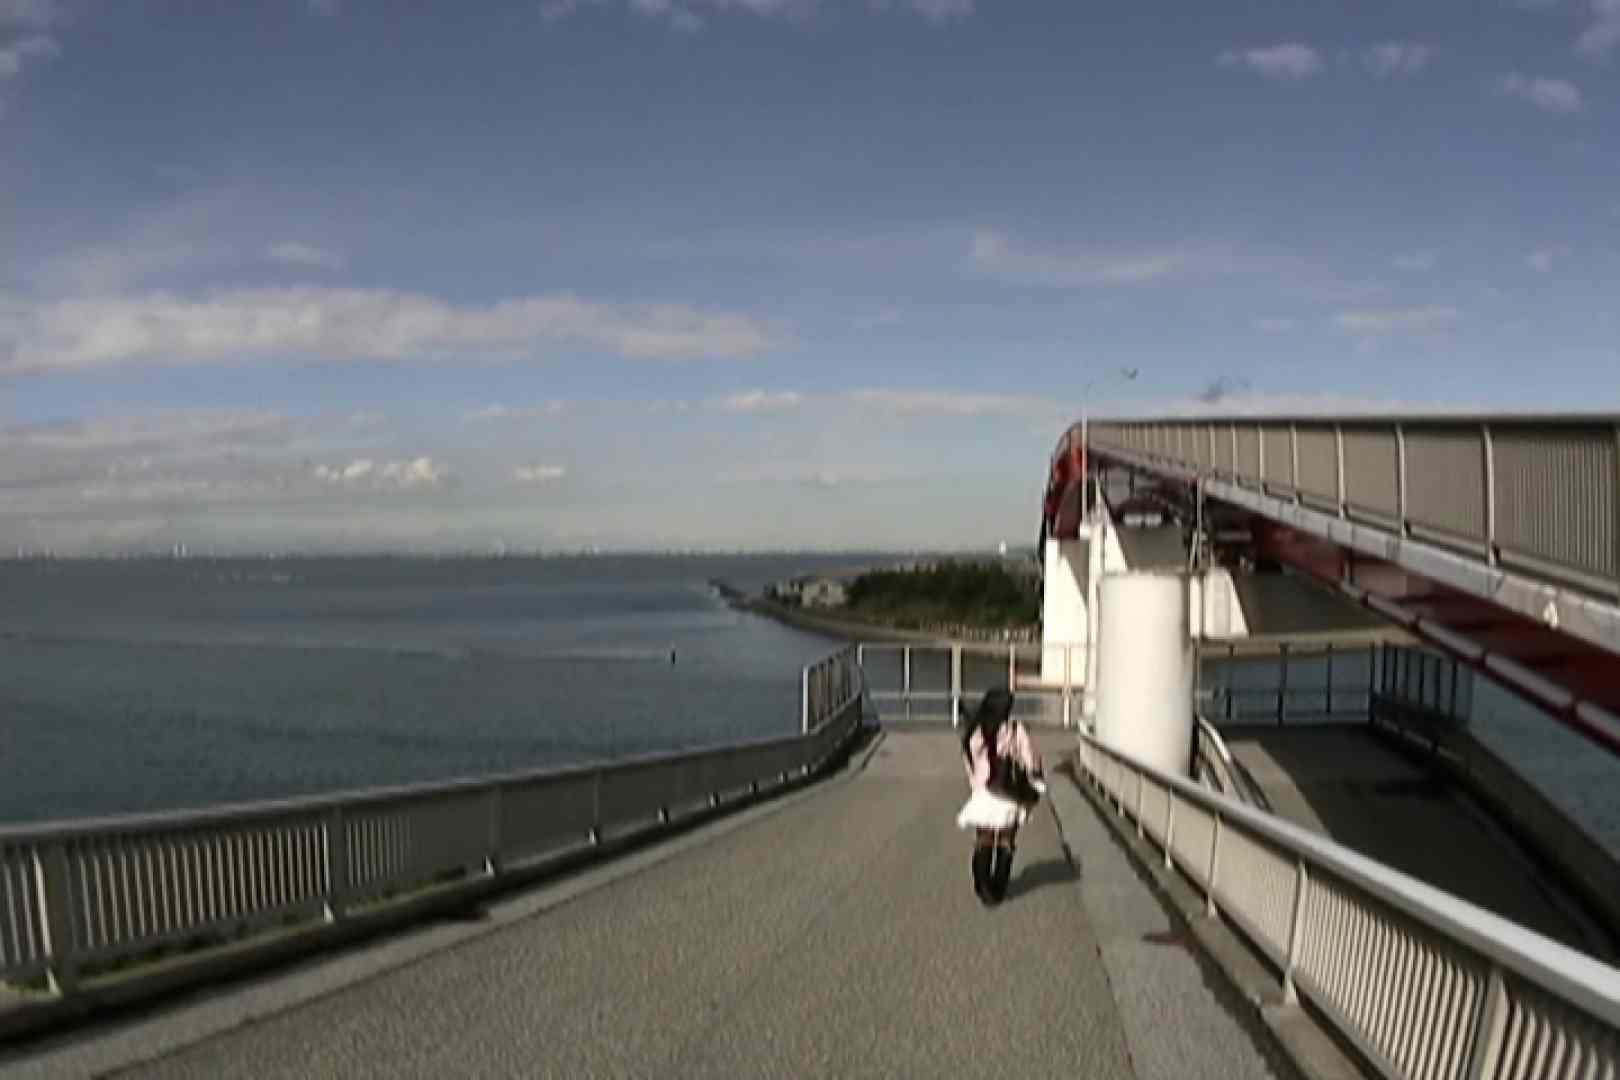 素人嬢がAV面接にやって来た。 仮名ゆみvol.2 素人のぞき エロ無料画像 86pic 75